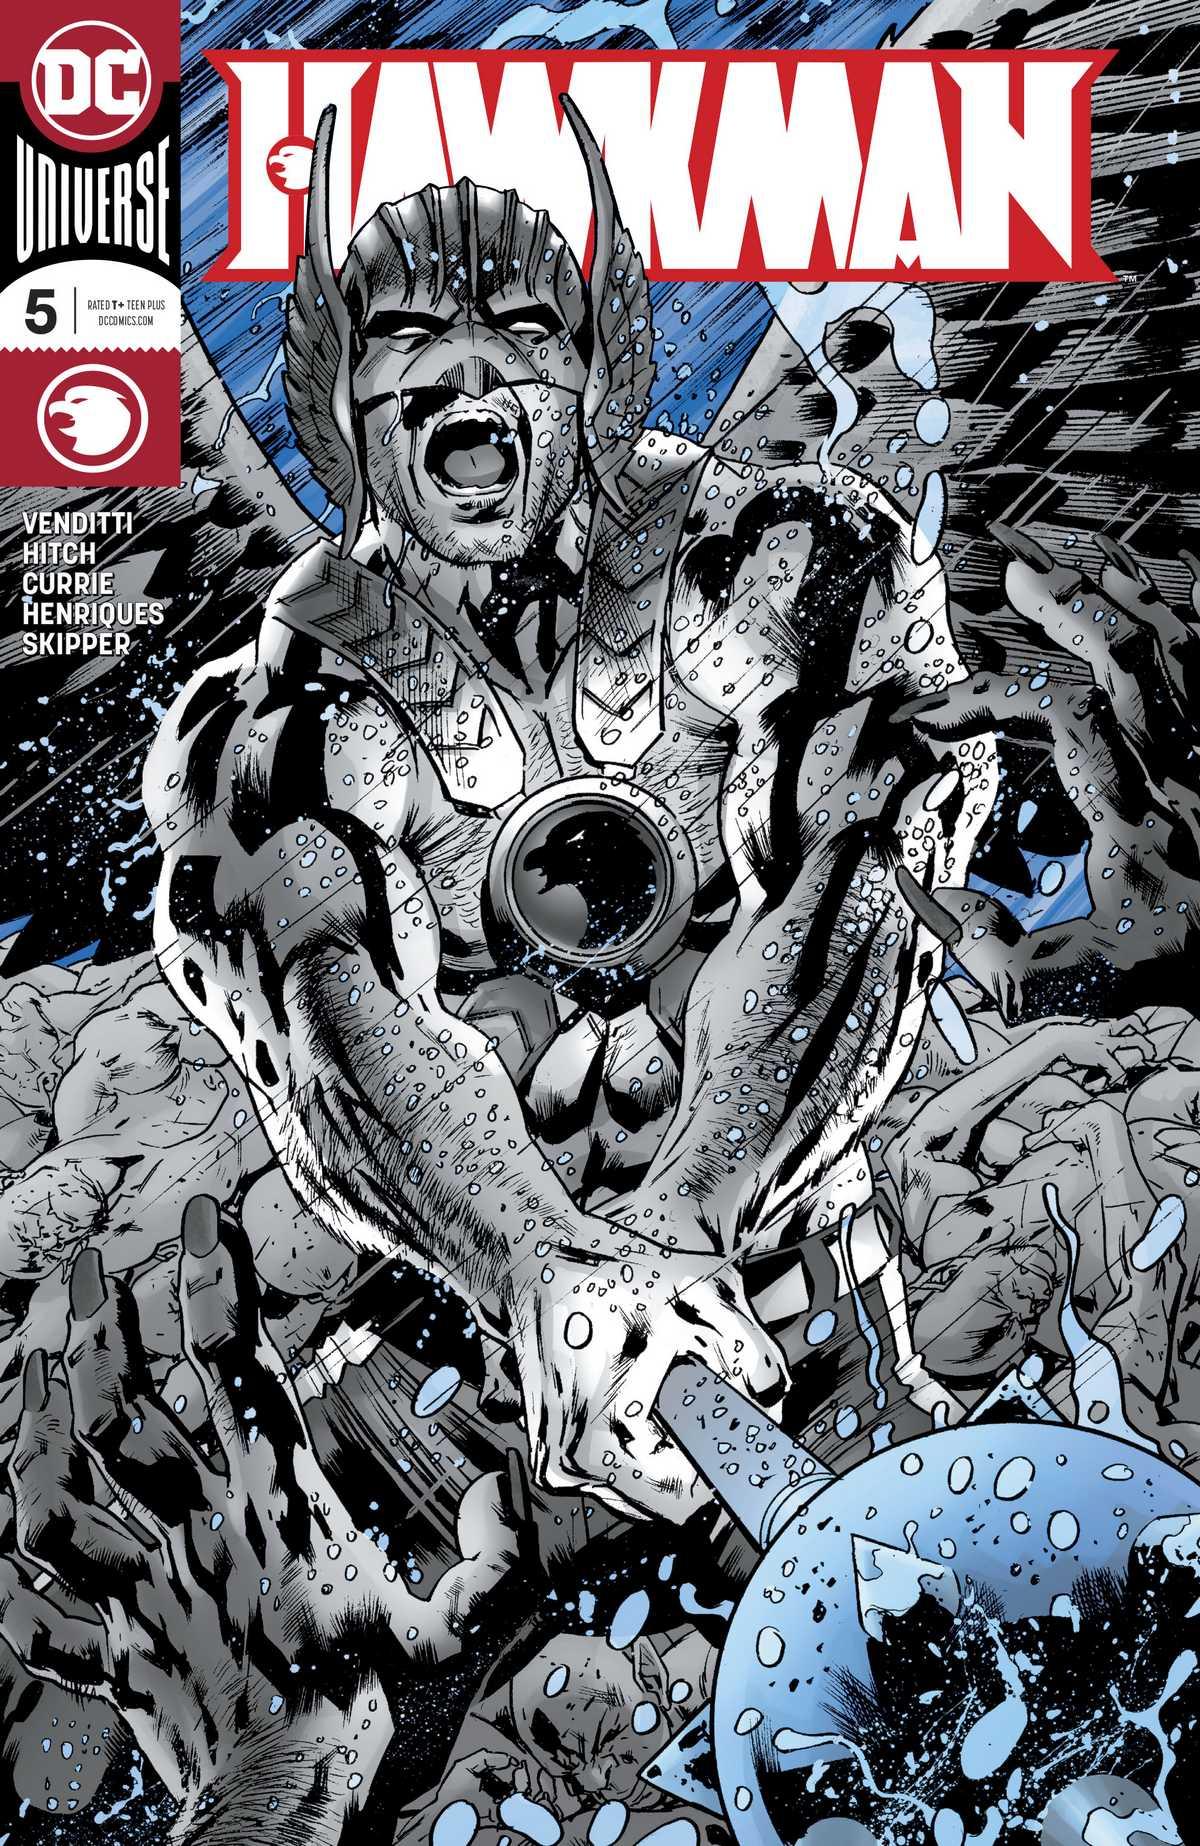 Hawkman Vol 5 5